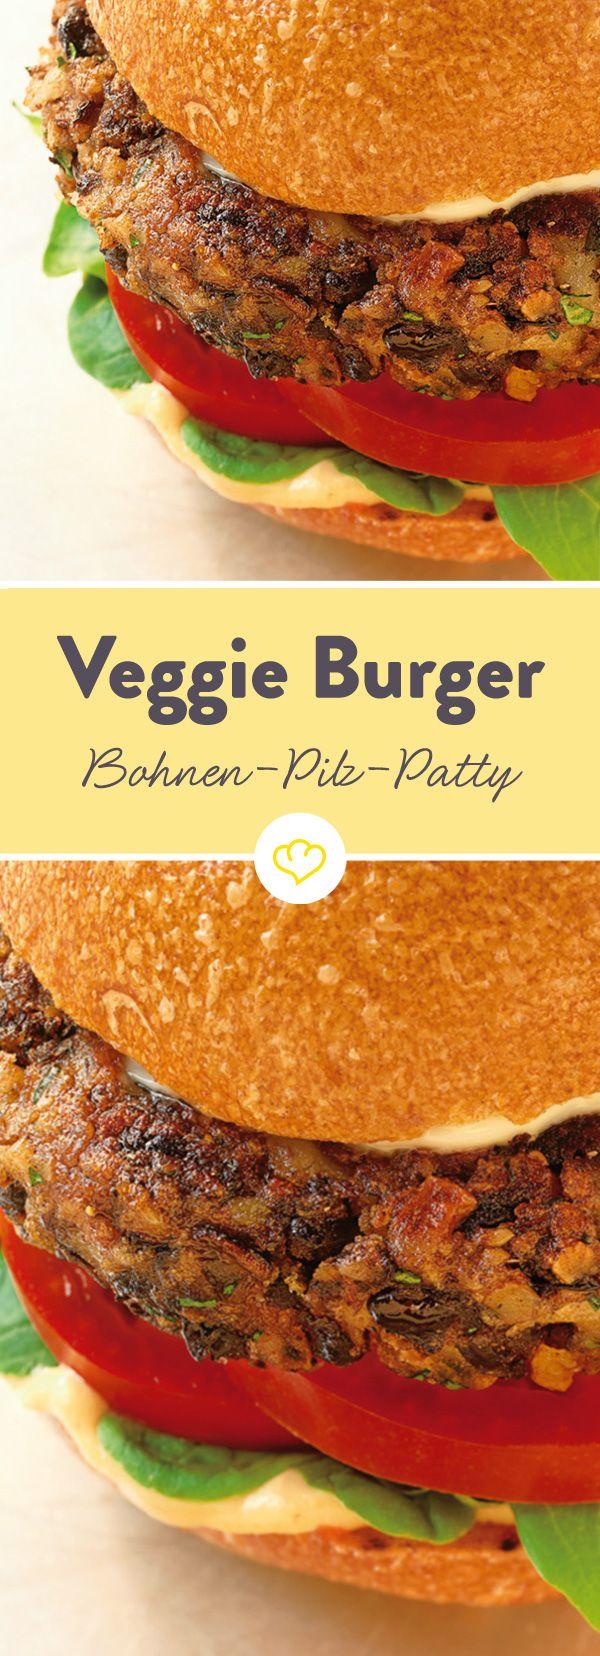 Das Rezept für vegetarischen Bohnen Pilze Burger und viele weitere köstliche vegetarische Grill-Rezepte findest du im Springlane Magazin.